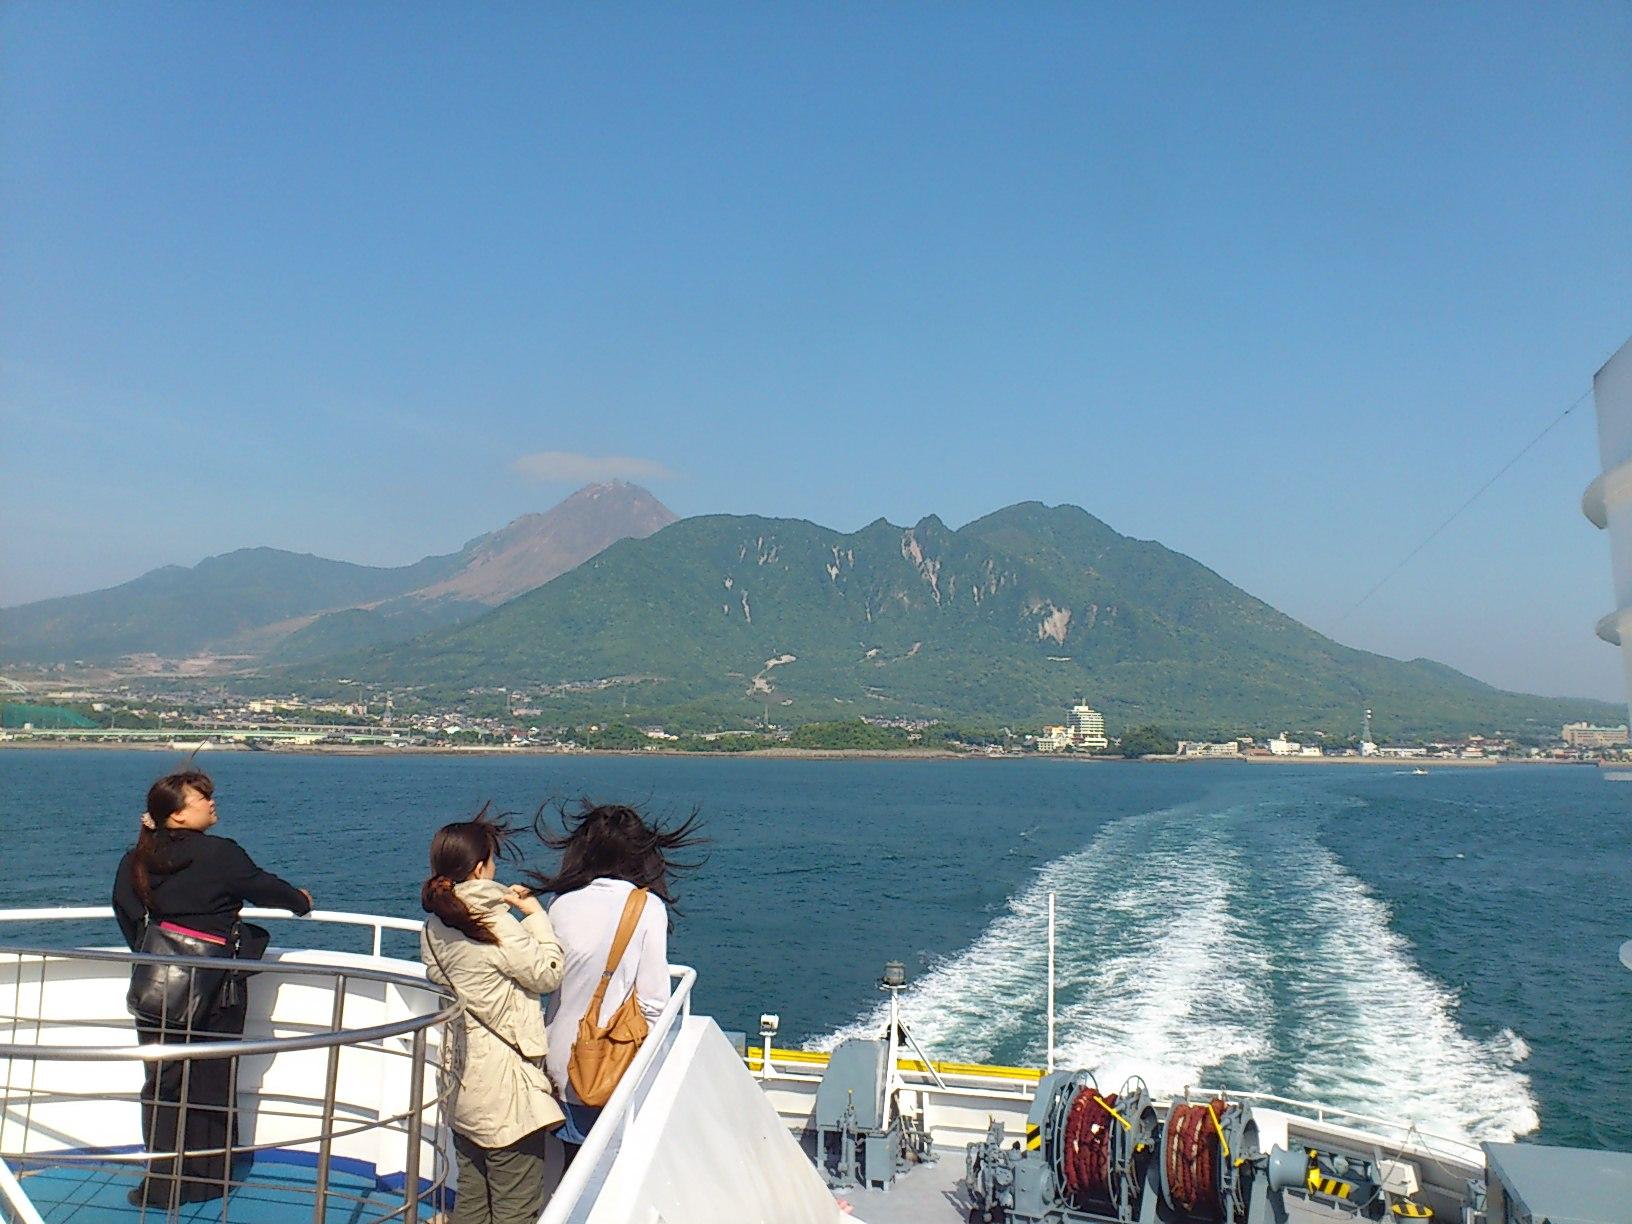 雲仙島原を離れます